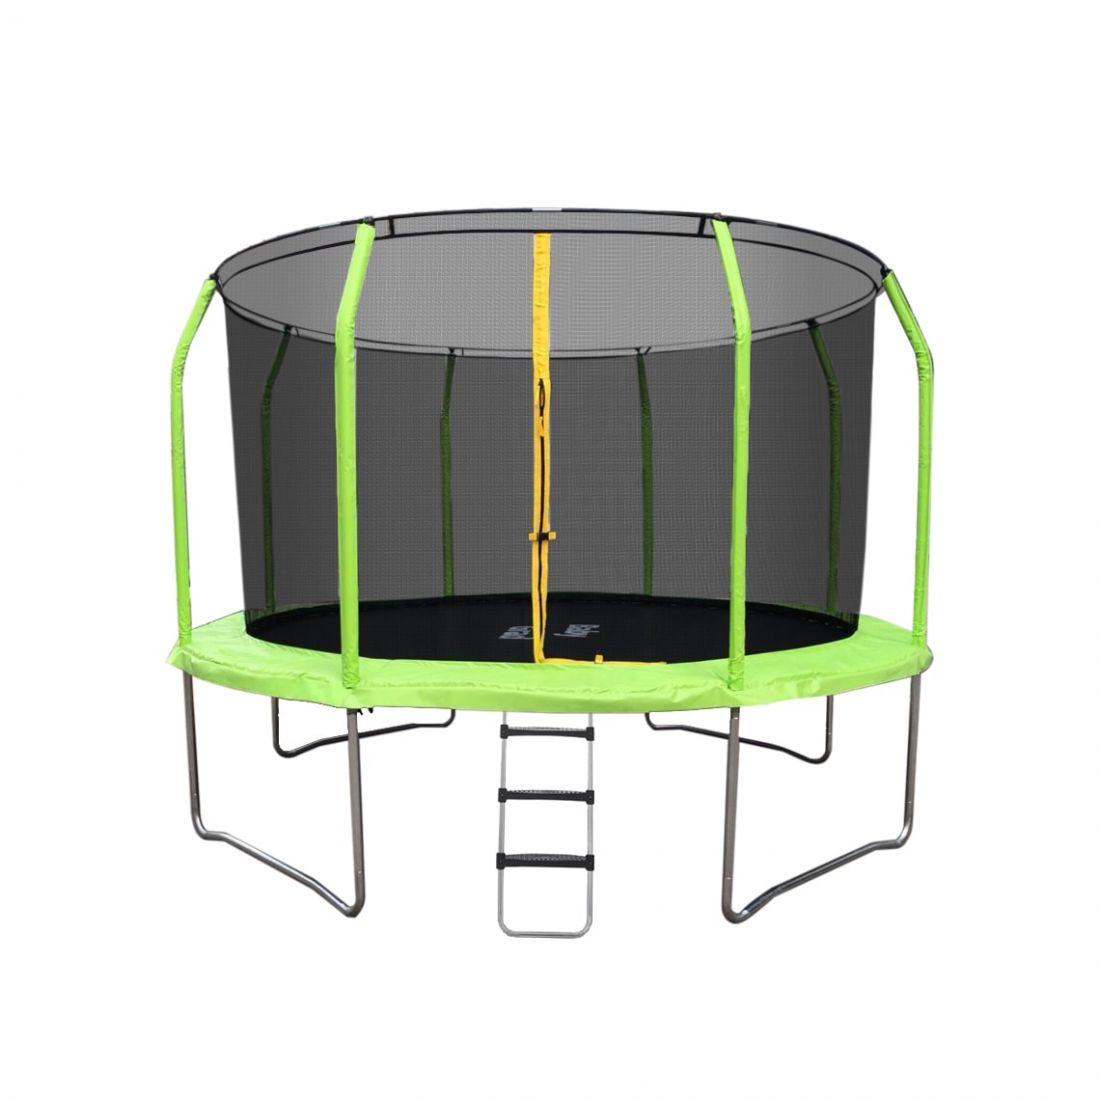 Батут с внутренней защитной сеткой - Baby Grad Космо, 10ft( 3,05 метра), цвет зеленый